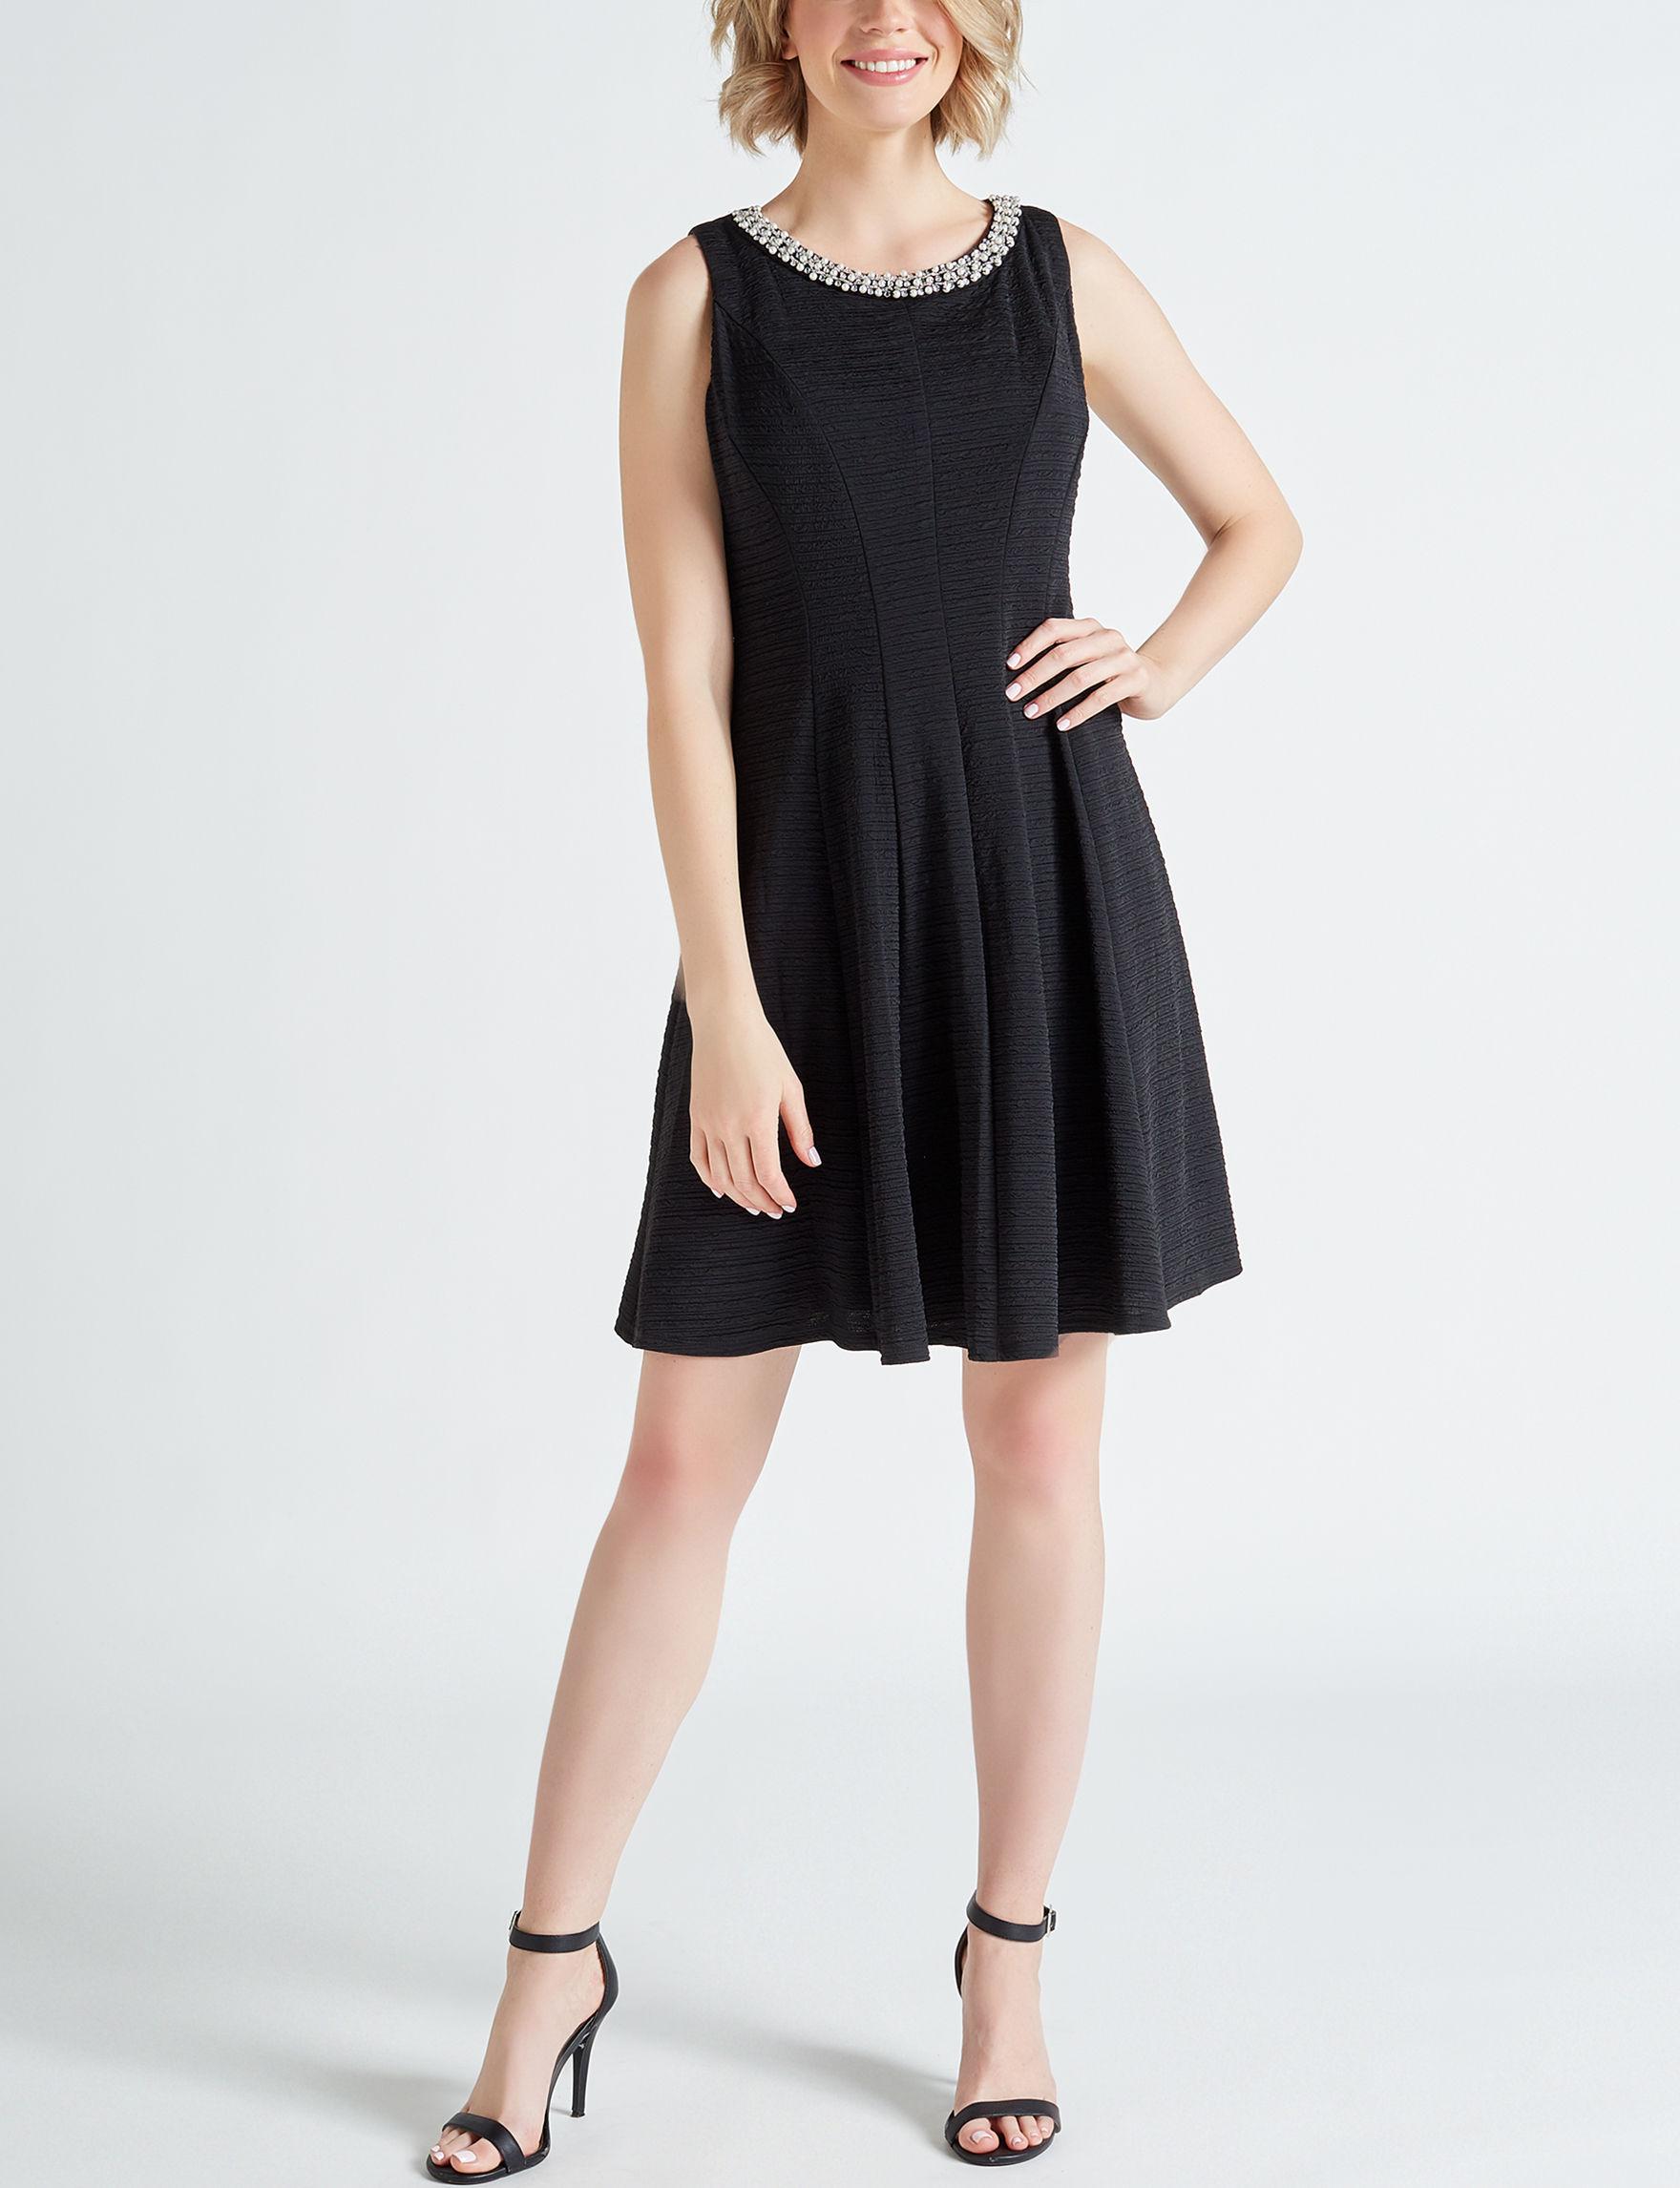 Sandra Darren Black Cocktail & Party Evening & Formal A-line Dresses